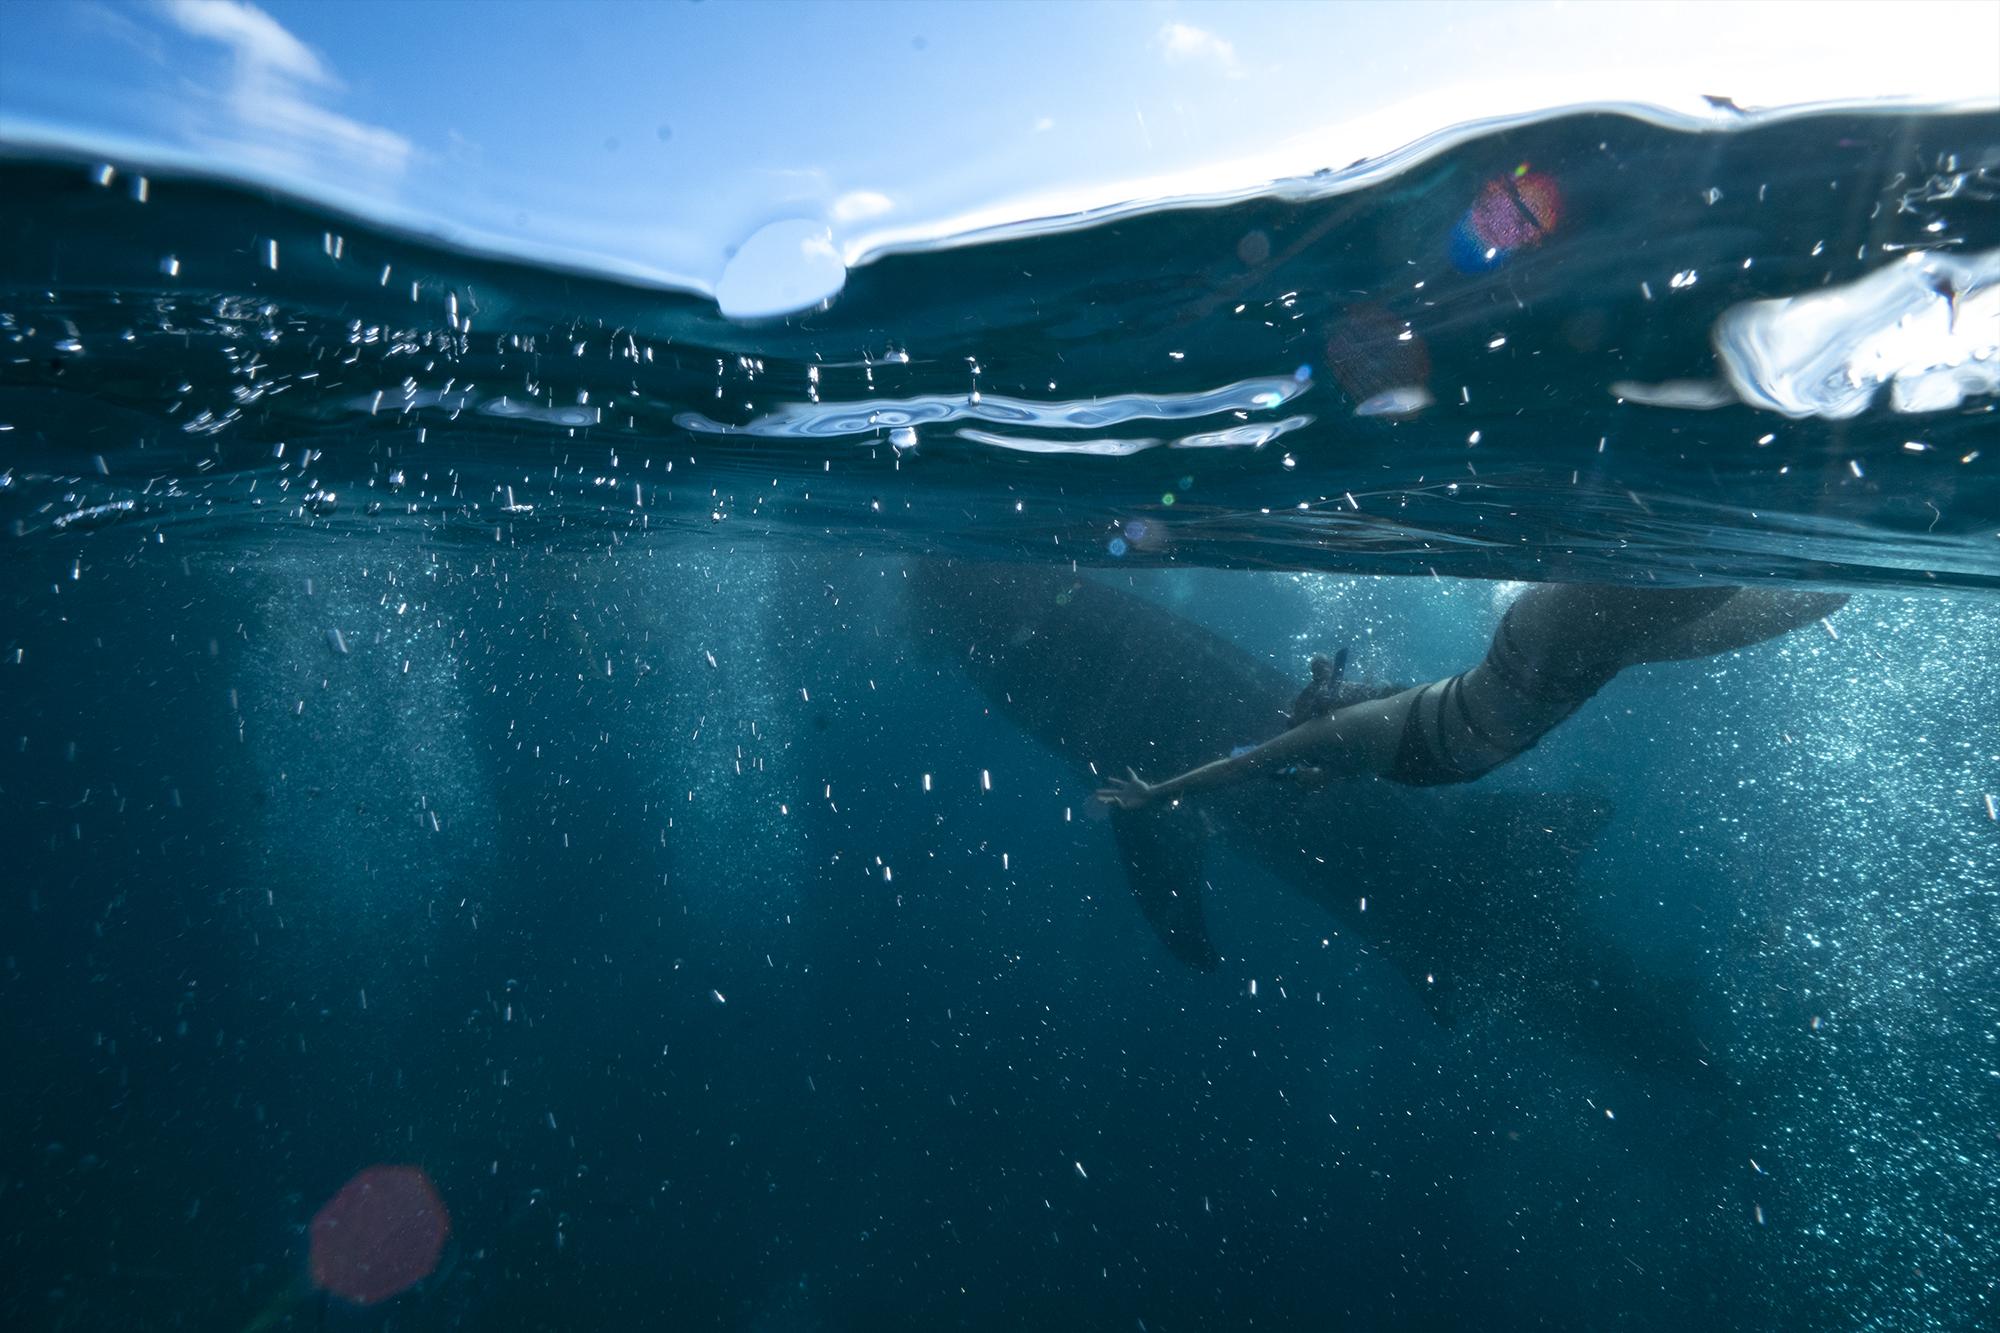 WhaleShark-Cebu-Oslob-hobo-life-anna-lee-dive